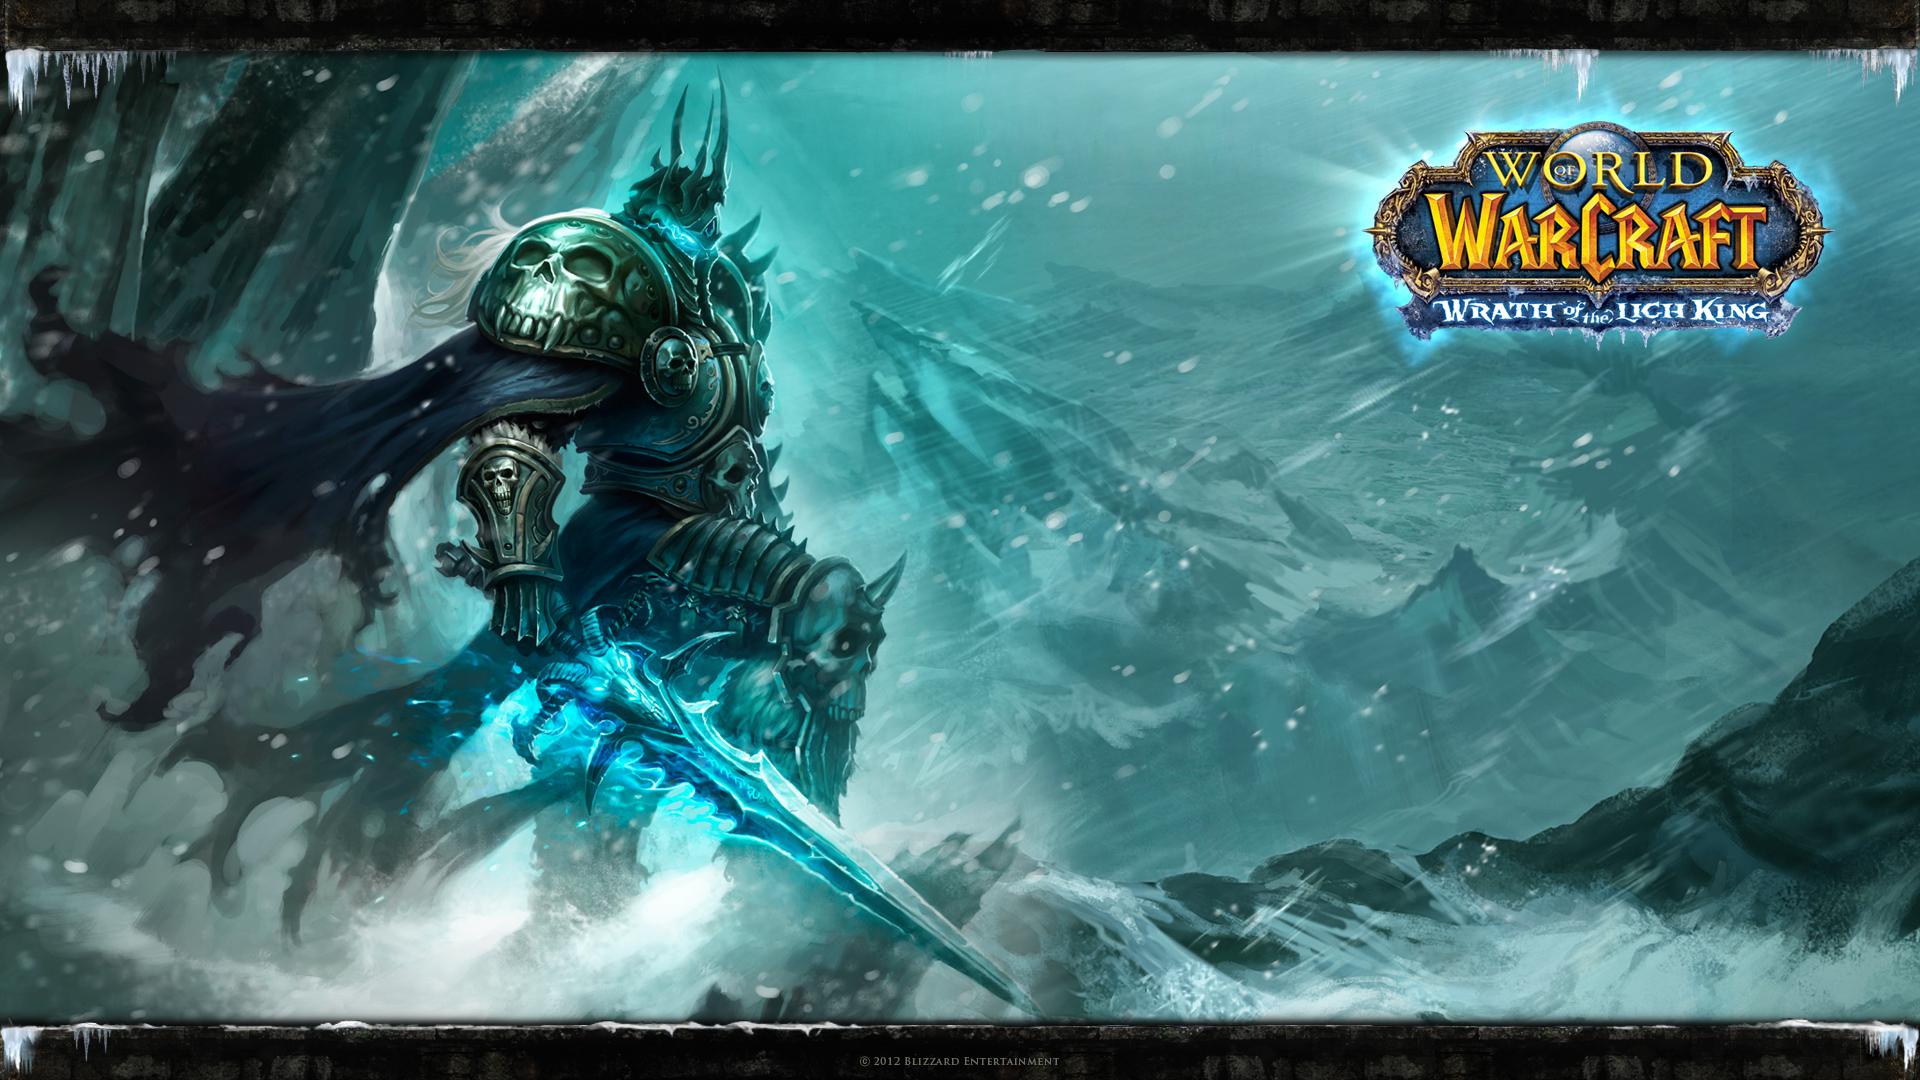 Fond D'écran World Of Warcraft.